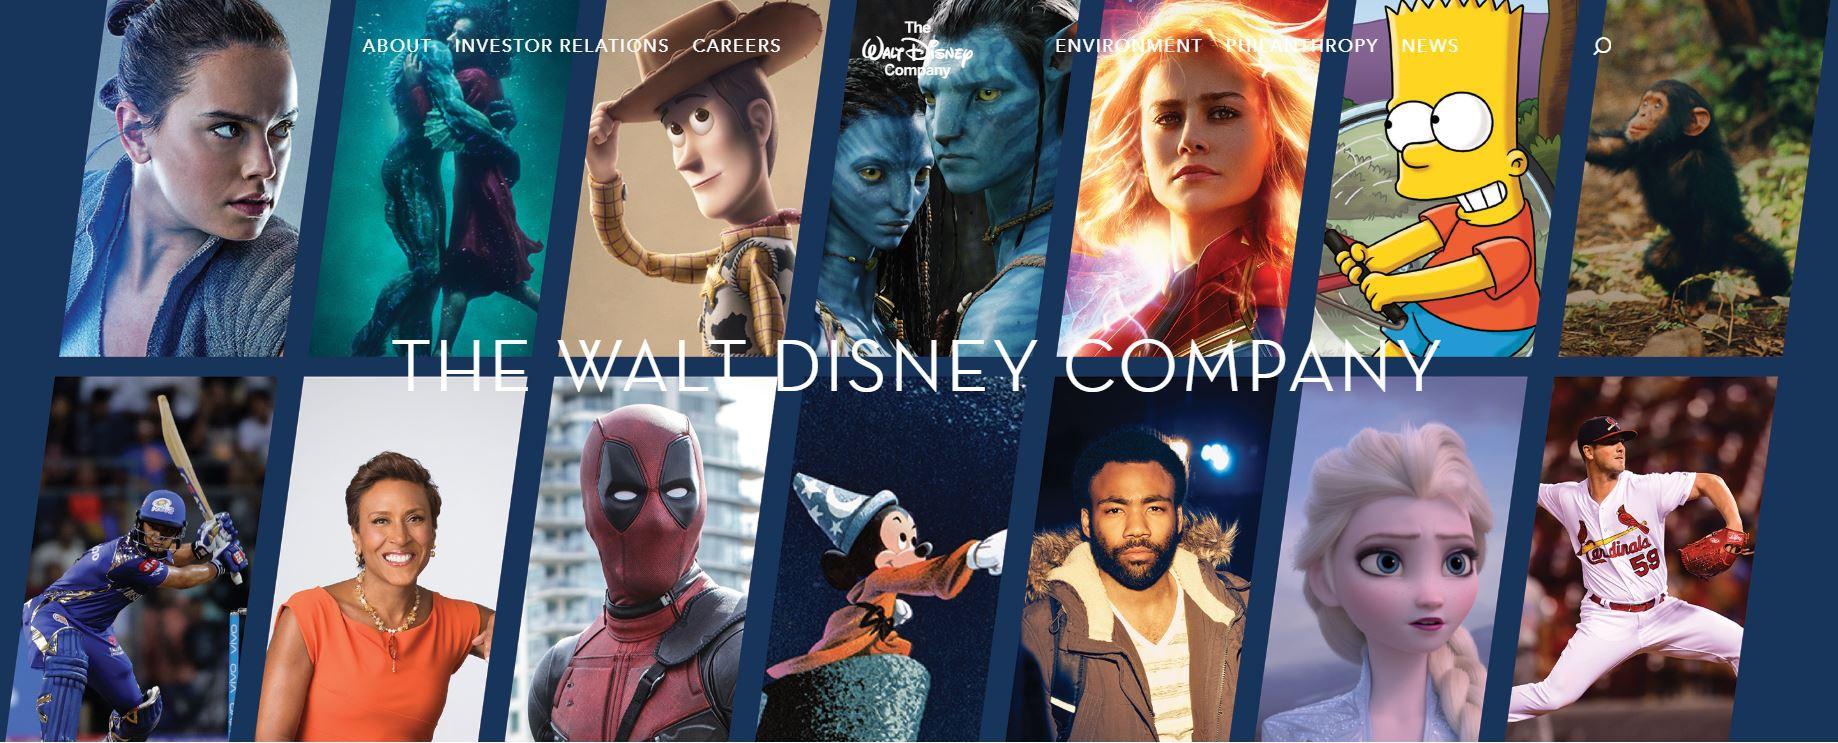 Hàng loạt phim đình đám nhà Fox về với trang chủ Disney ngay sau vụ sáp nhập bạc tỉ hoàn tất - Ảnh 1.